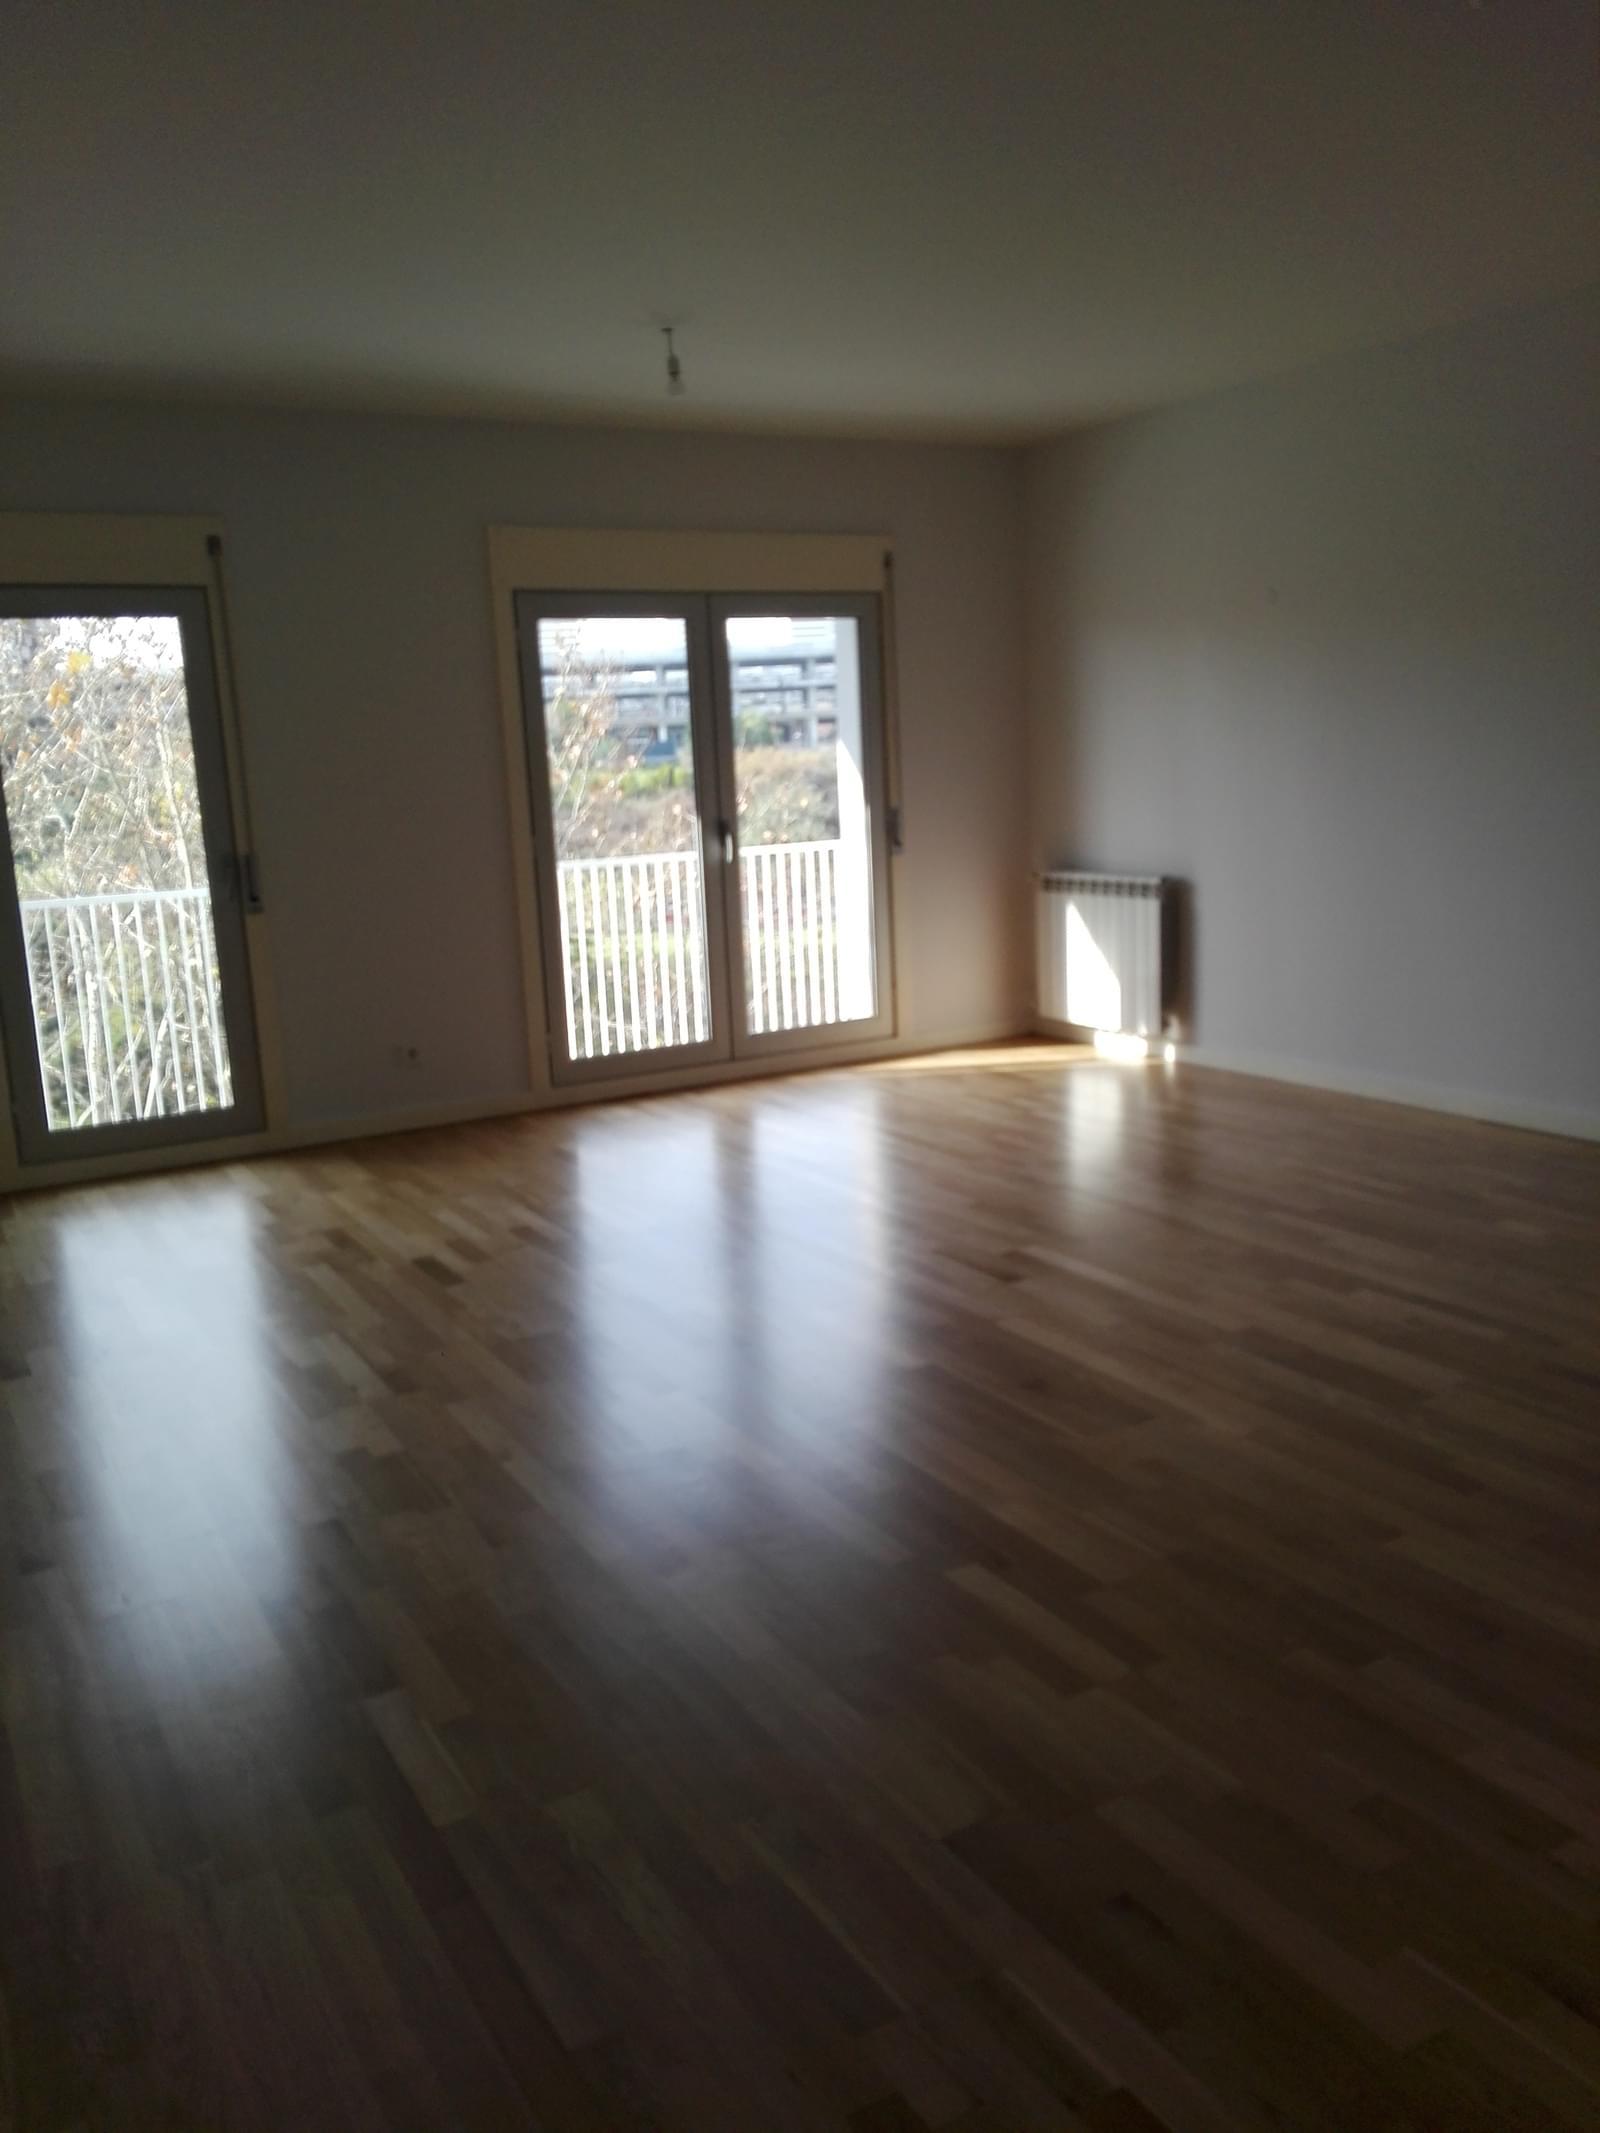 pf18814-apartamento-t2-lisboa-153af6b0-b096-436d-9e60-1f05cbd99186